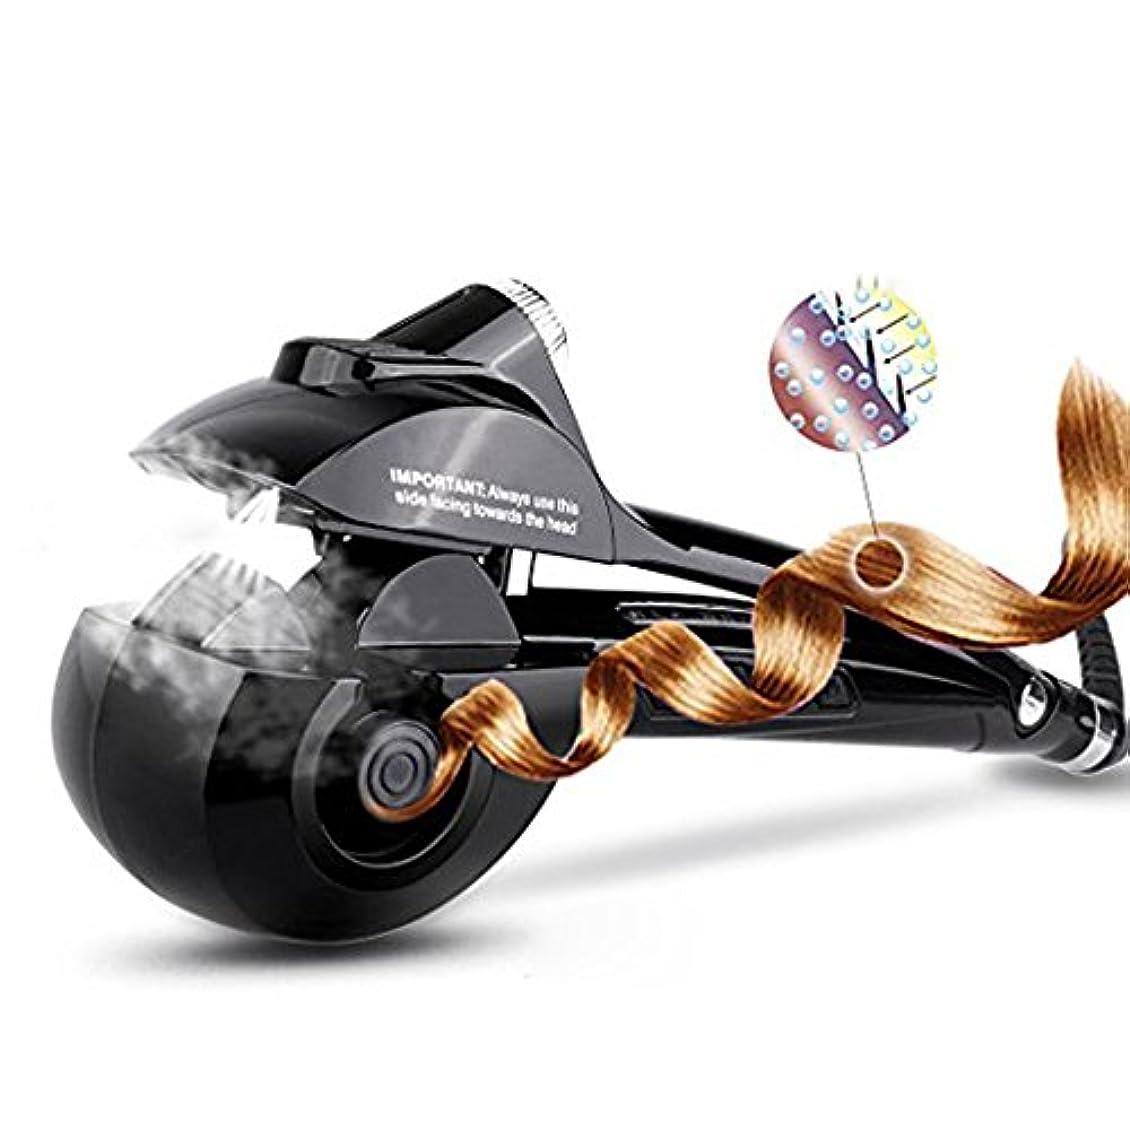 オートカールアイロンREAK ヘアアイロン カール オートカールヘアアイロン スチームヘアアイロン アイロン蒸気 8秒自動巻き 自動巻きヘアアイロン スチーム機能 プロ仕様 海外対応 日本語説明書付き (黒)